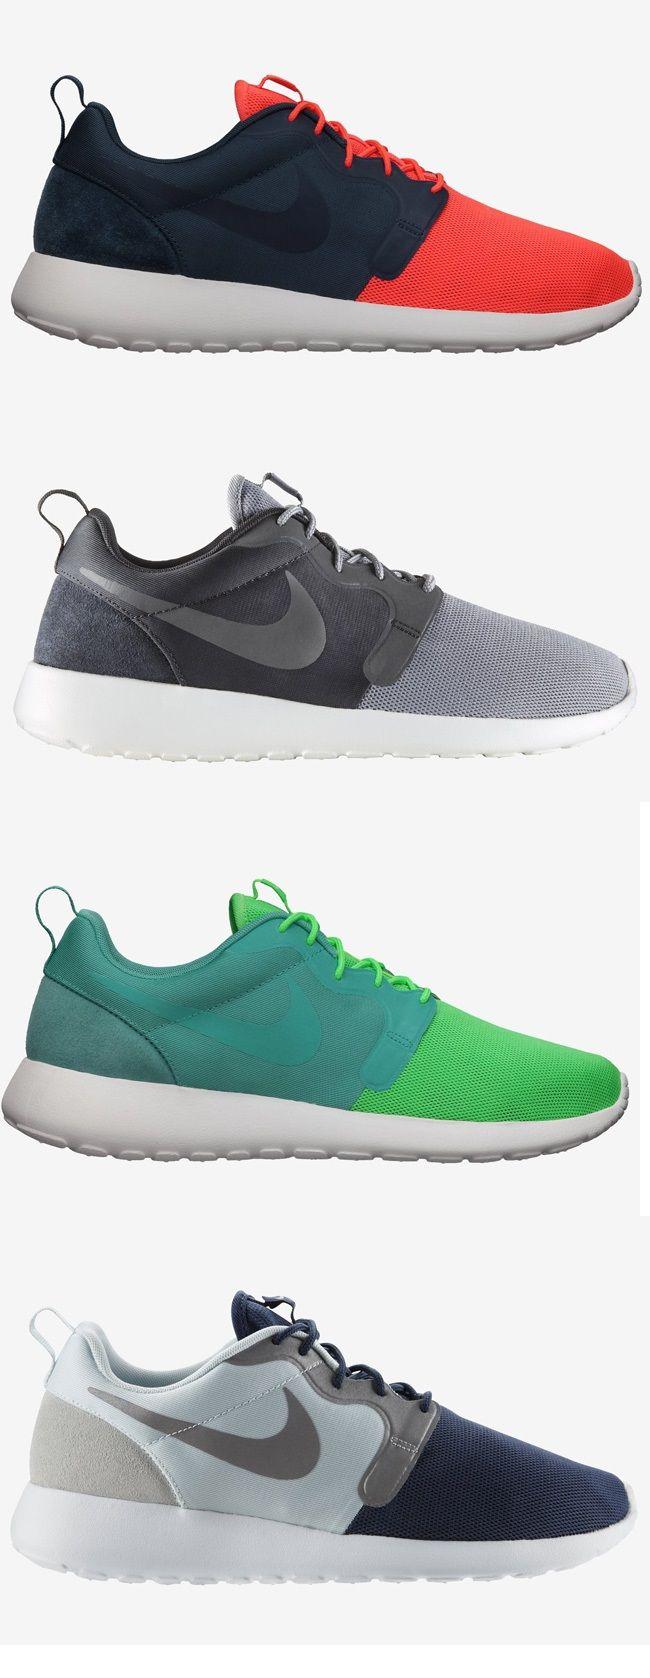 Pin on Sneakers: Nike Roshe